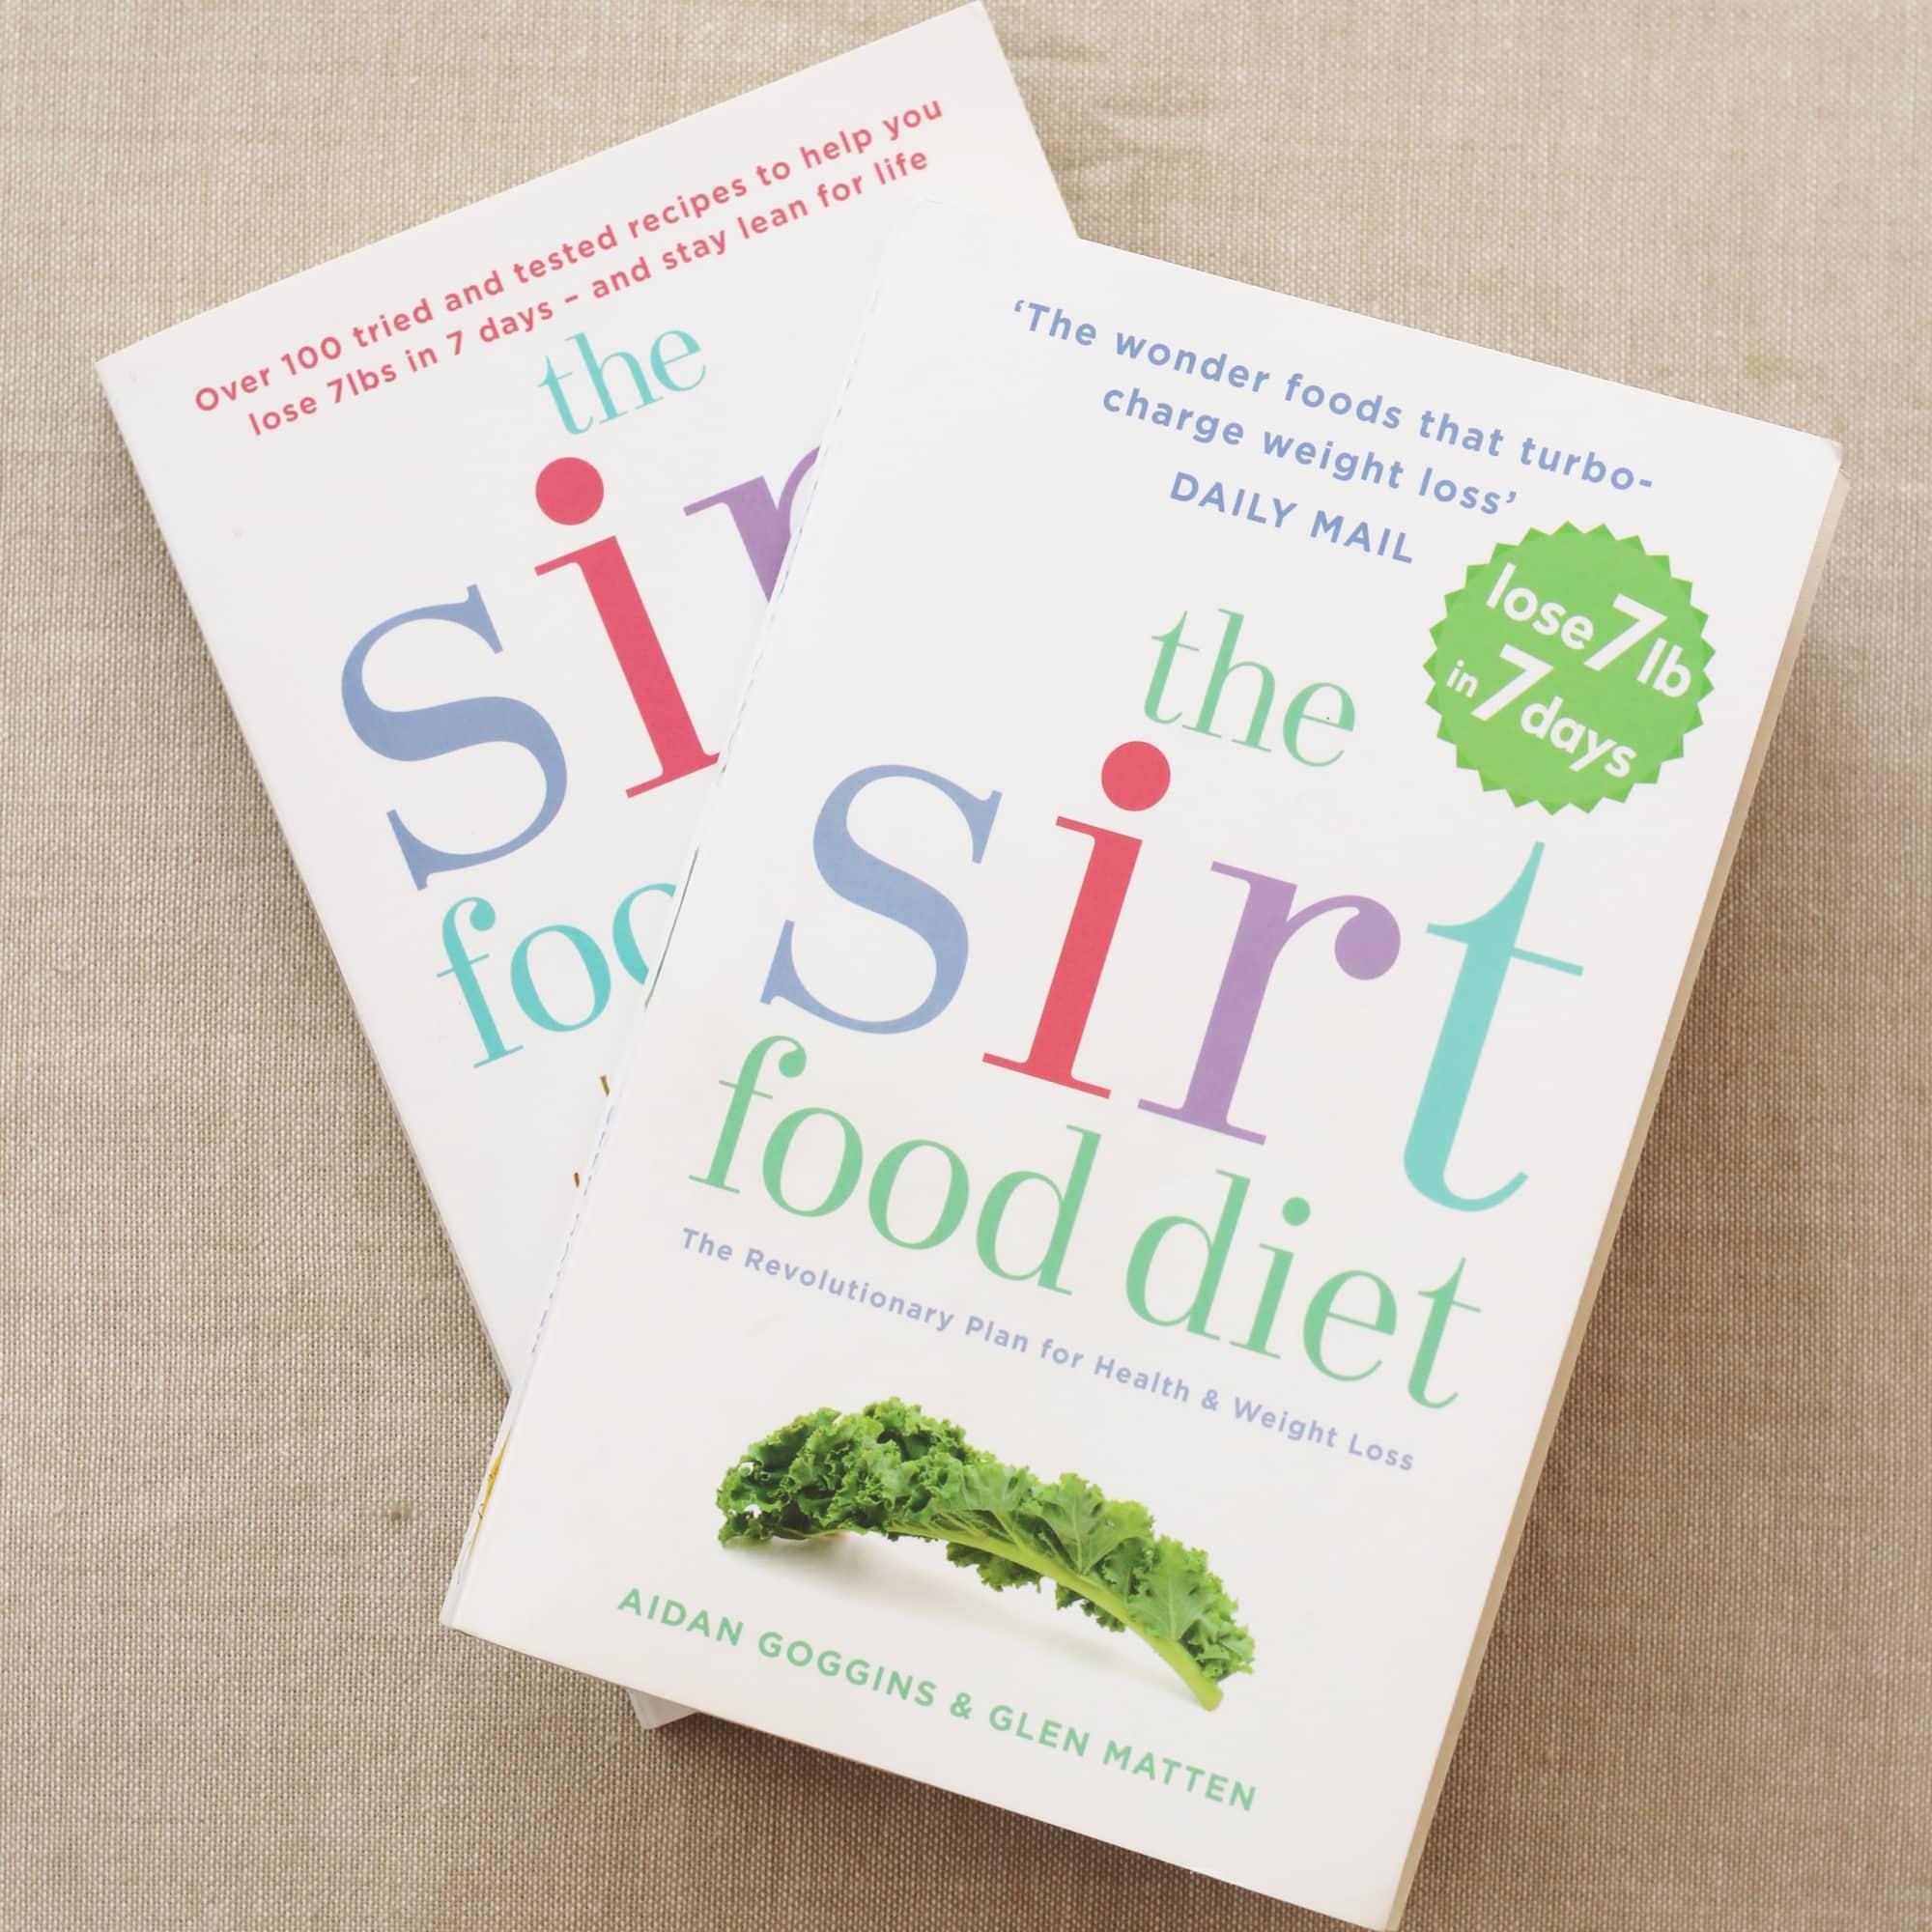 Dieta sirt pdf download gratis